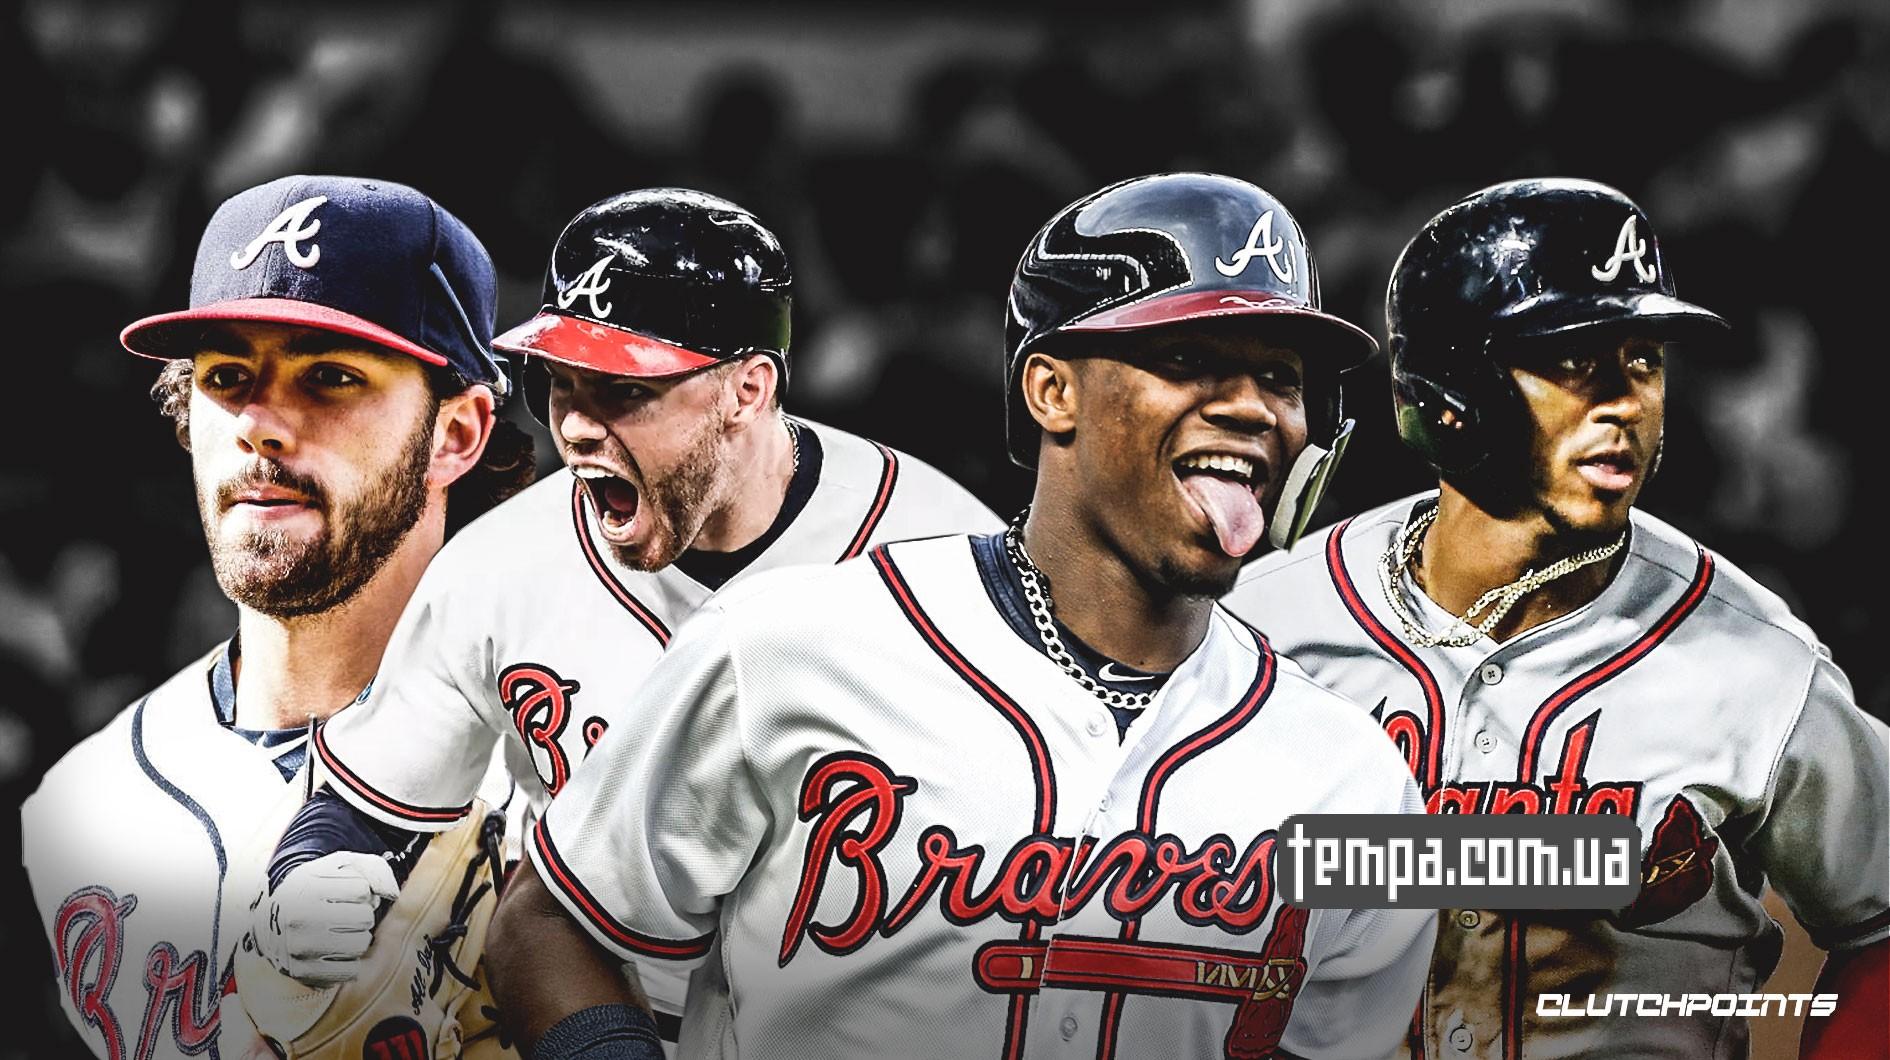 Atlanta-Braves бейсбольная команда Украина магазин одежды